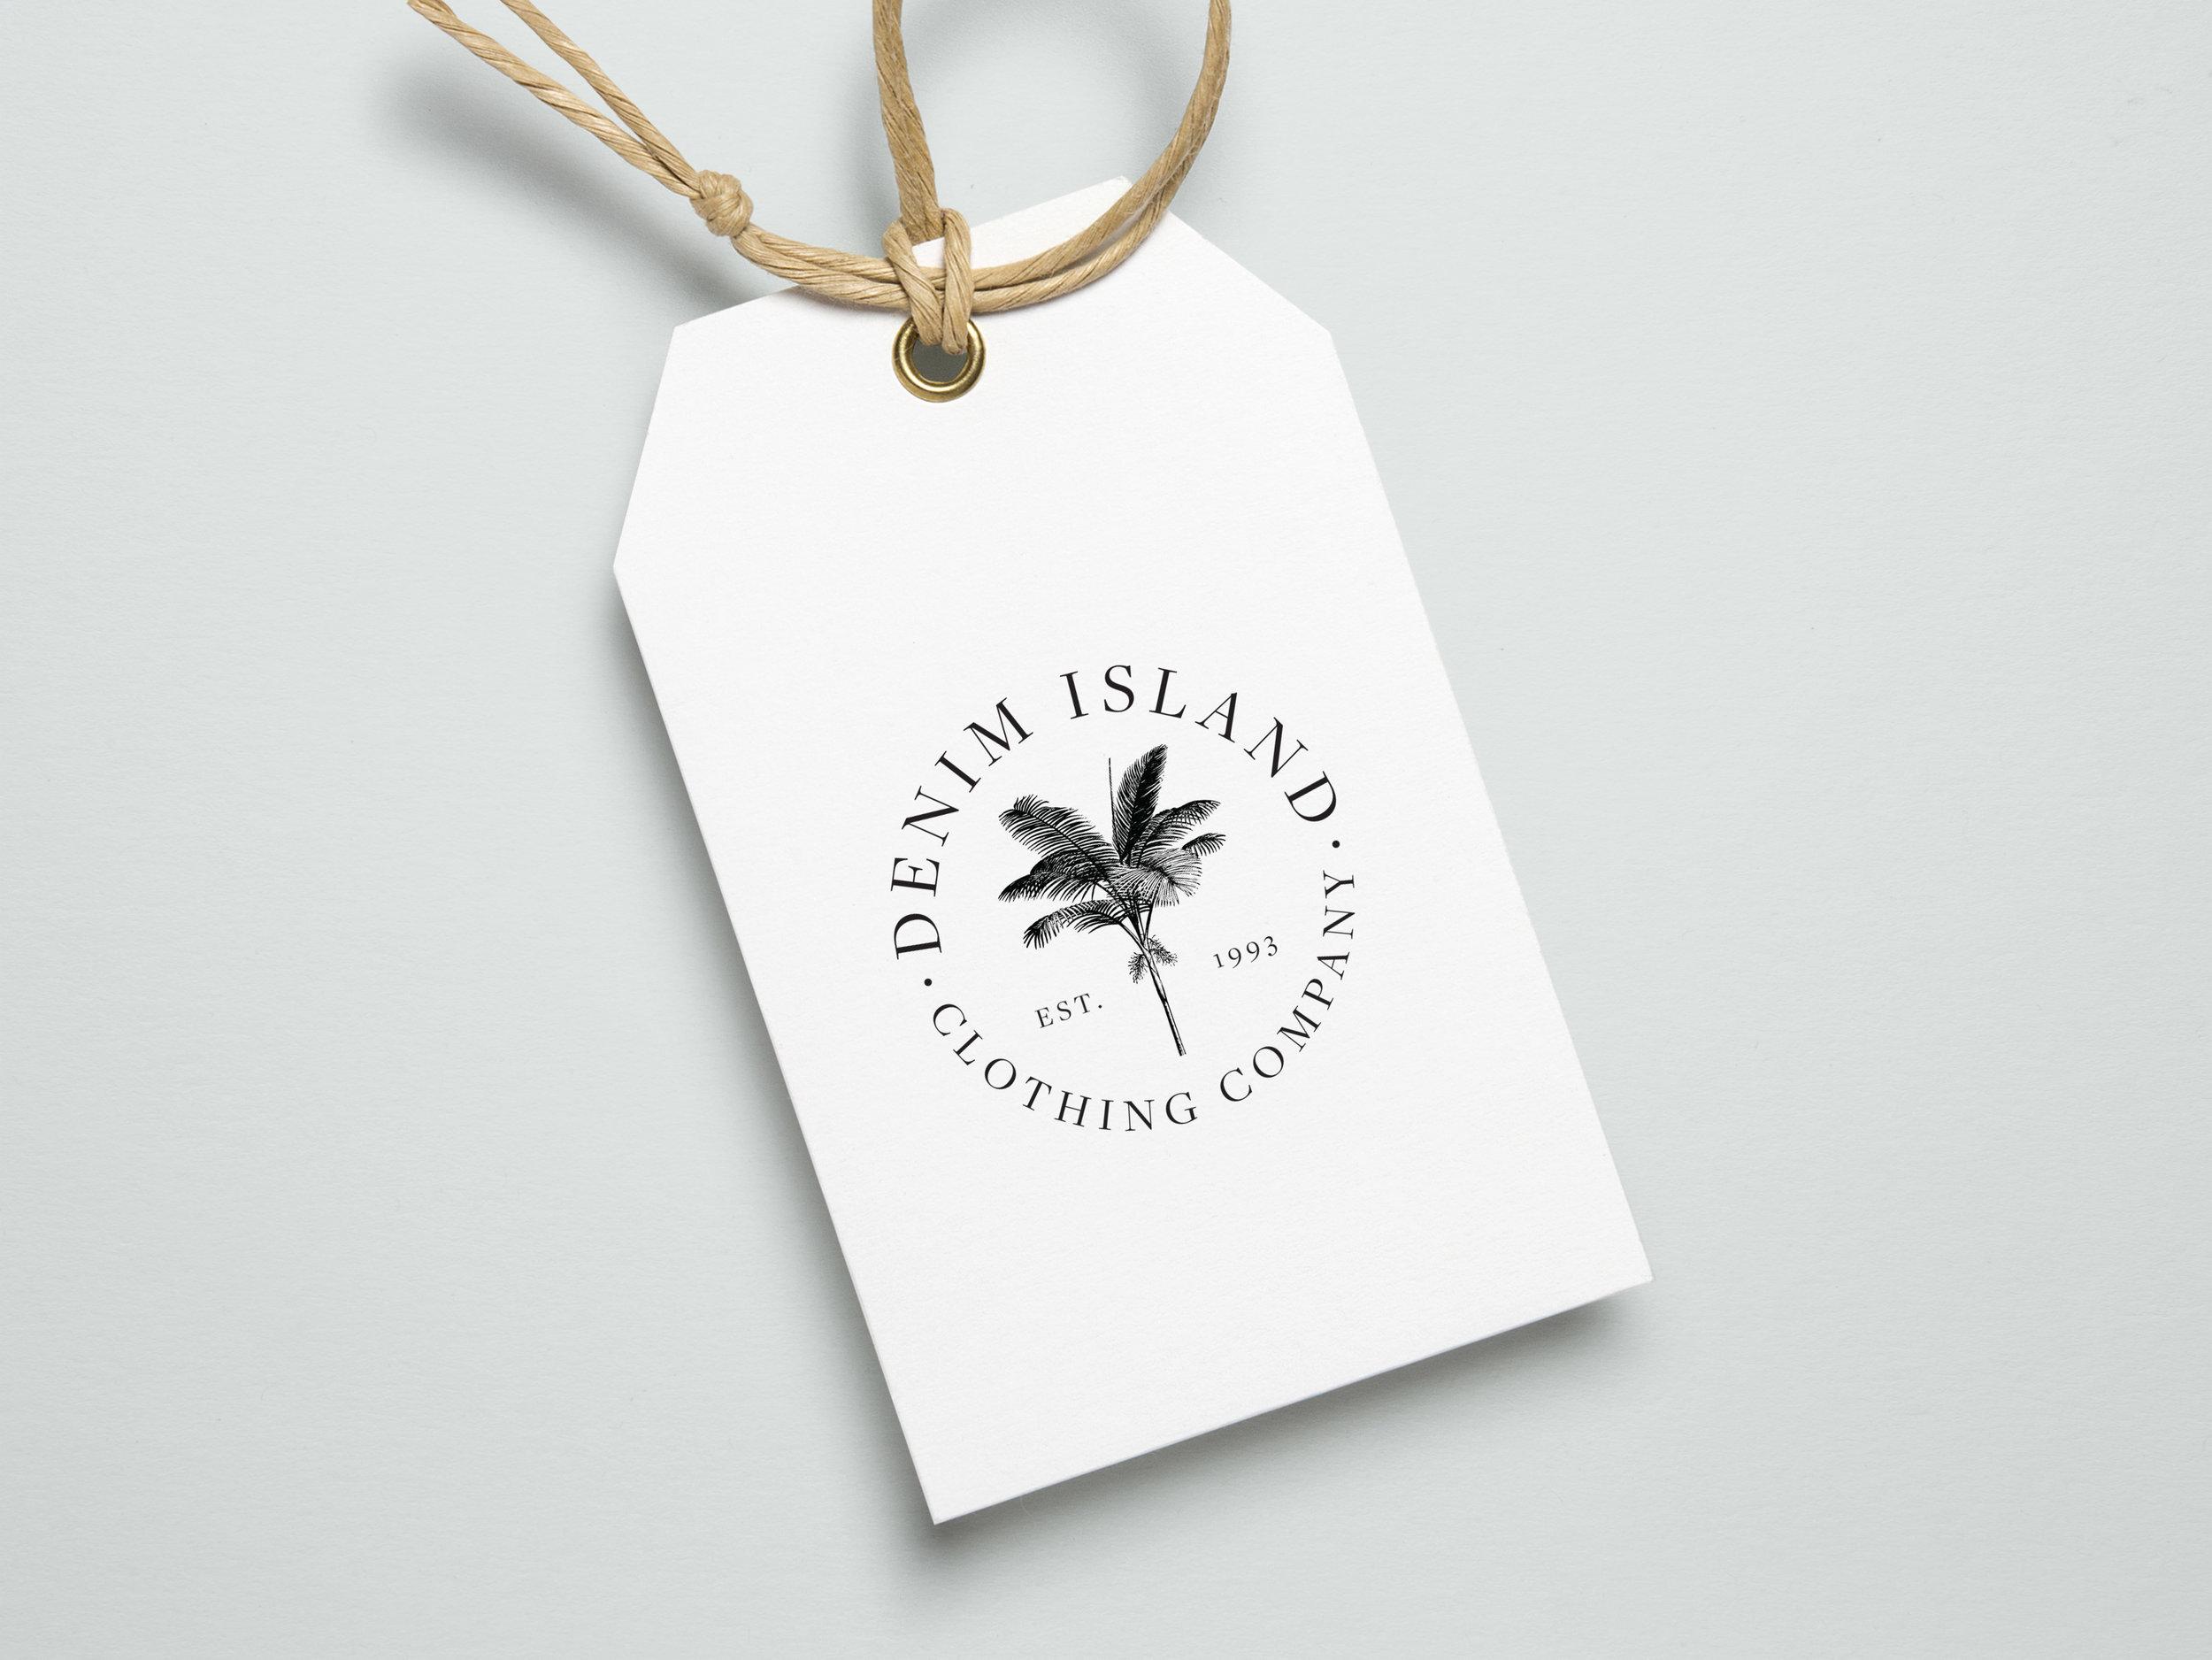 clothing-company-logo